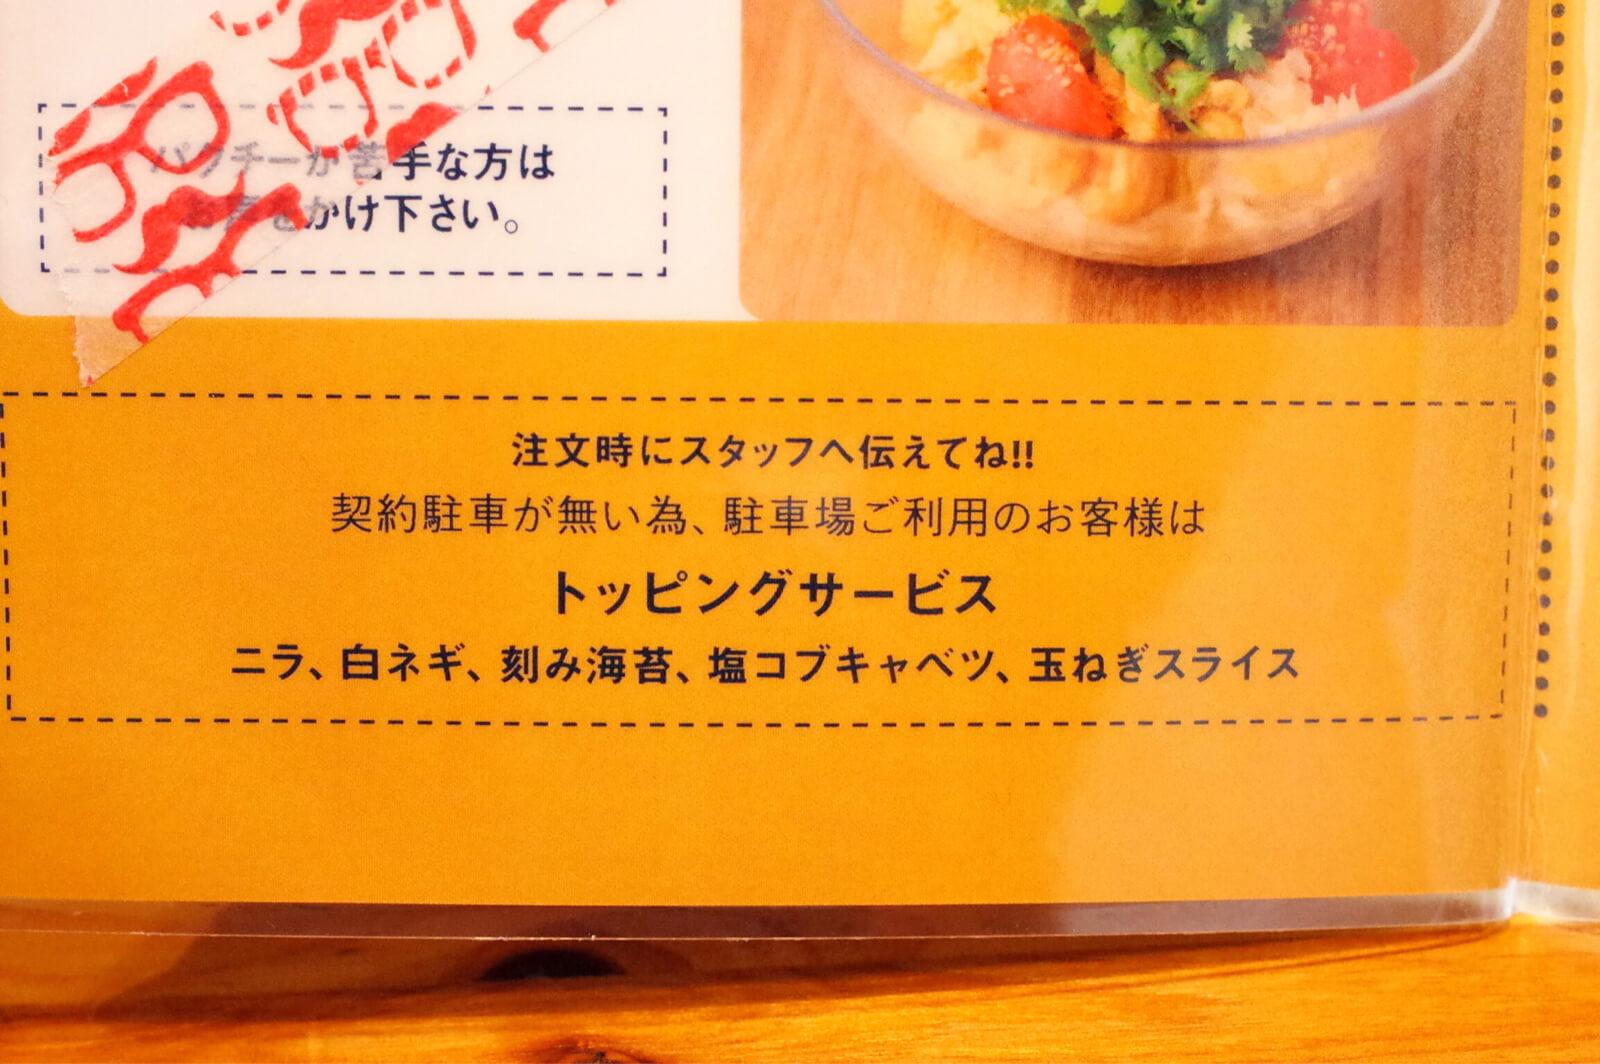 まぜ麺 マホロバ メニュー